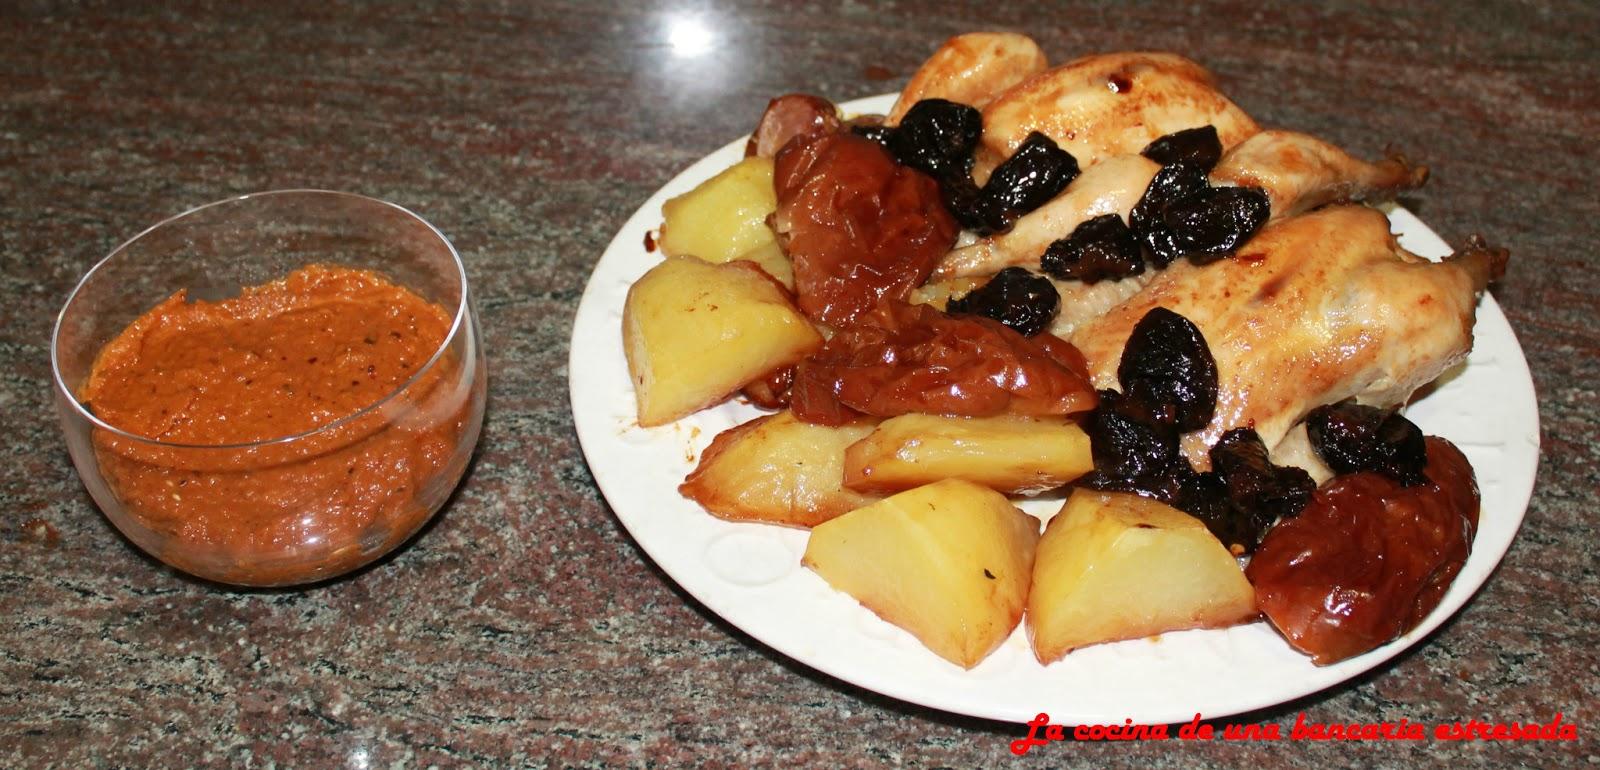 Picantones al horno con ciruelas y manzanas